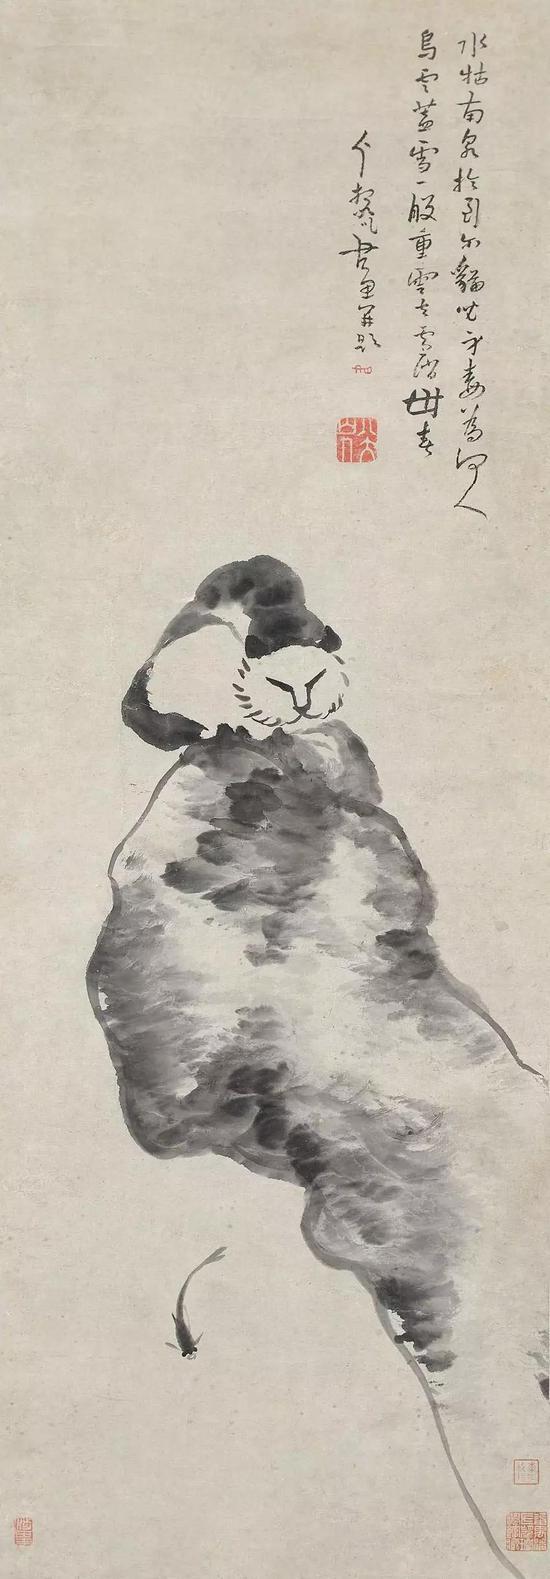 《猫石图》